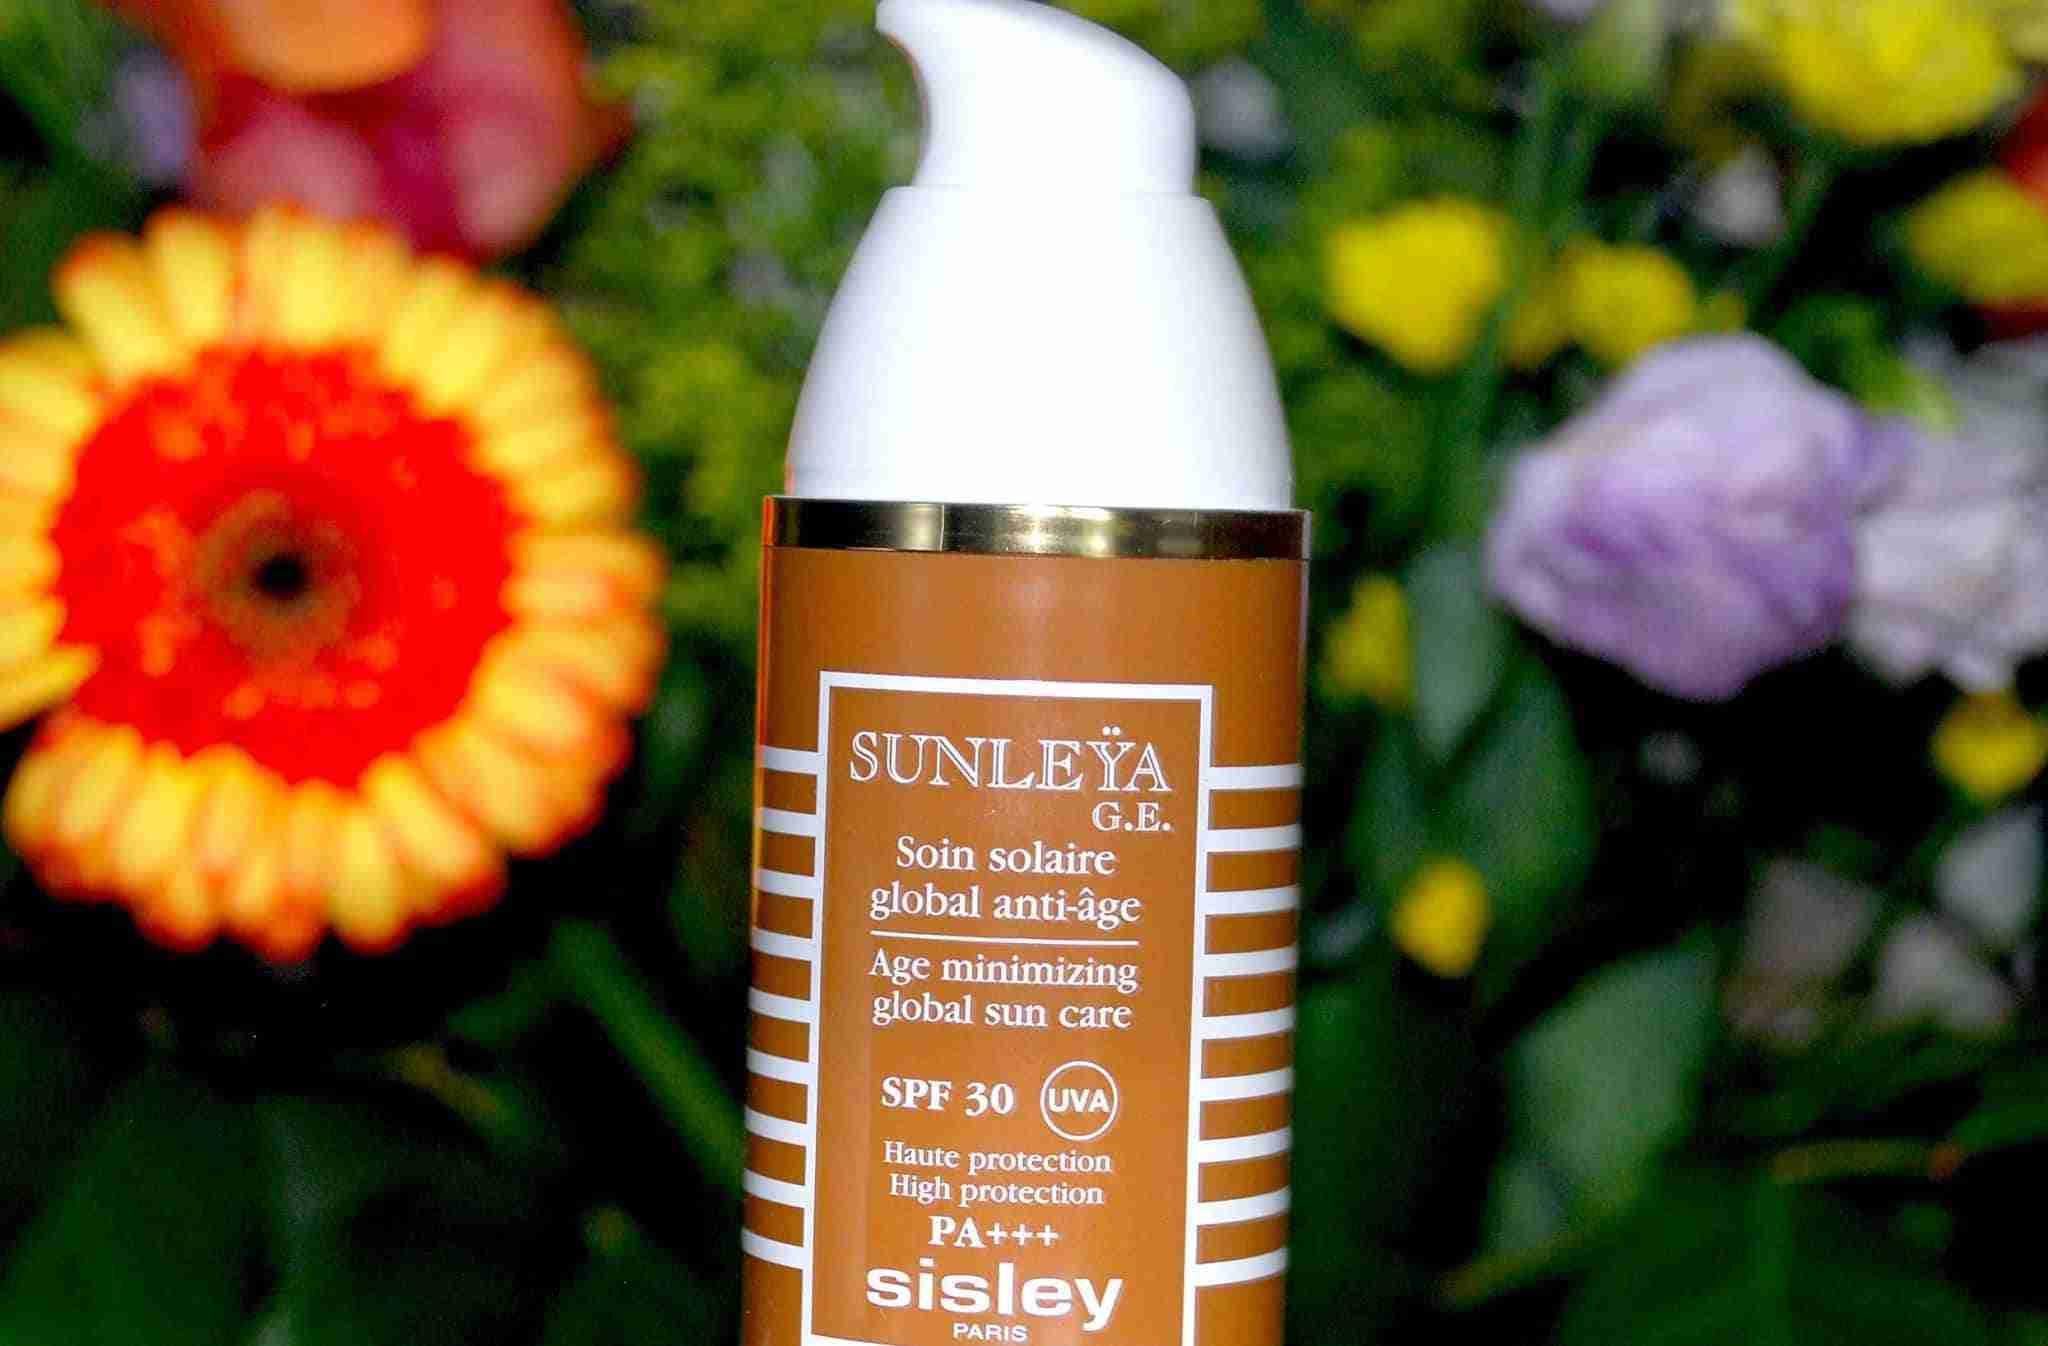 Sisley Sunleya SPF 30